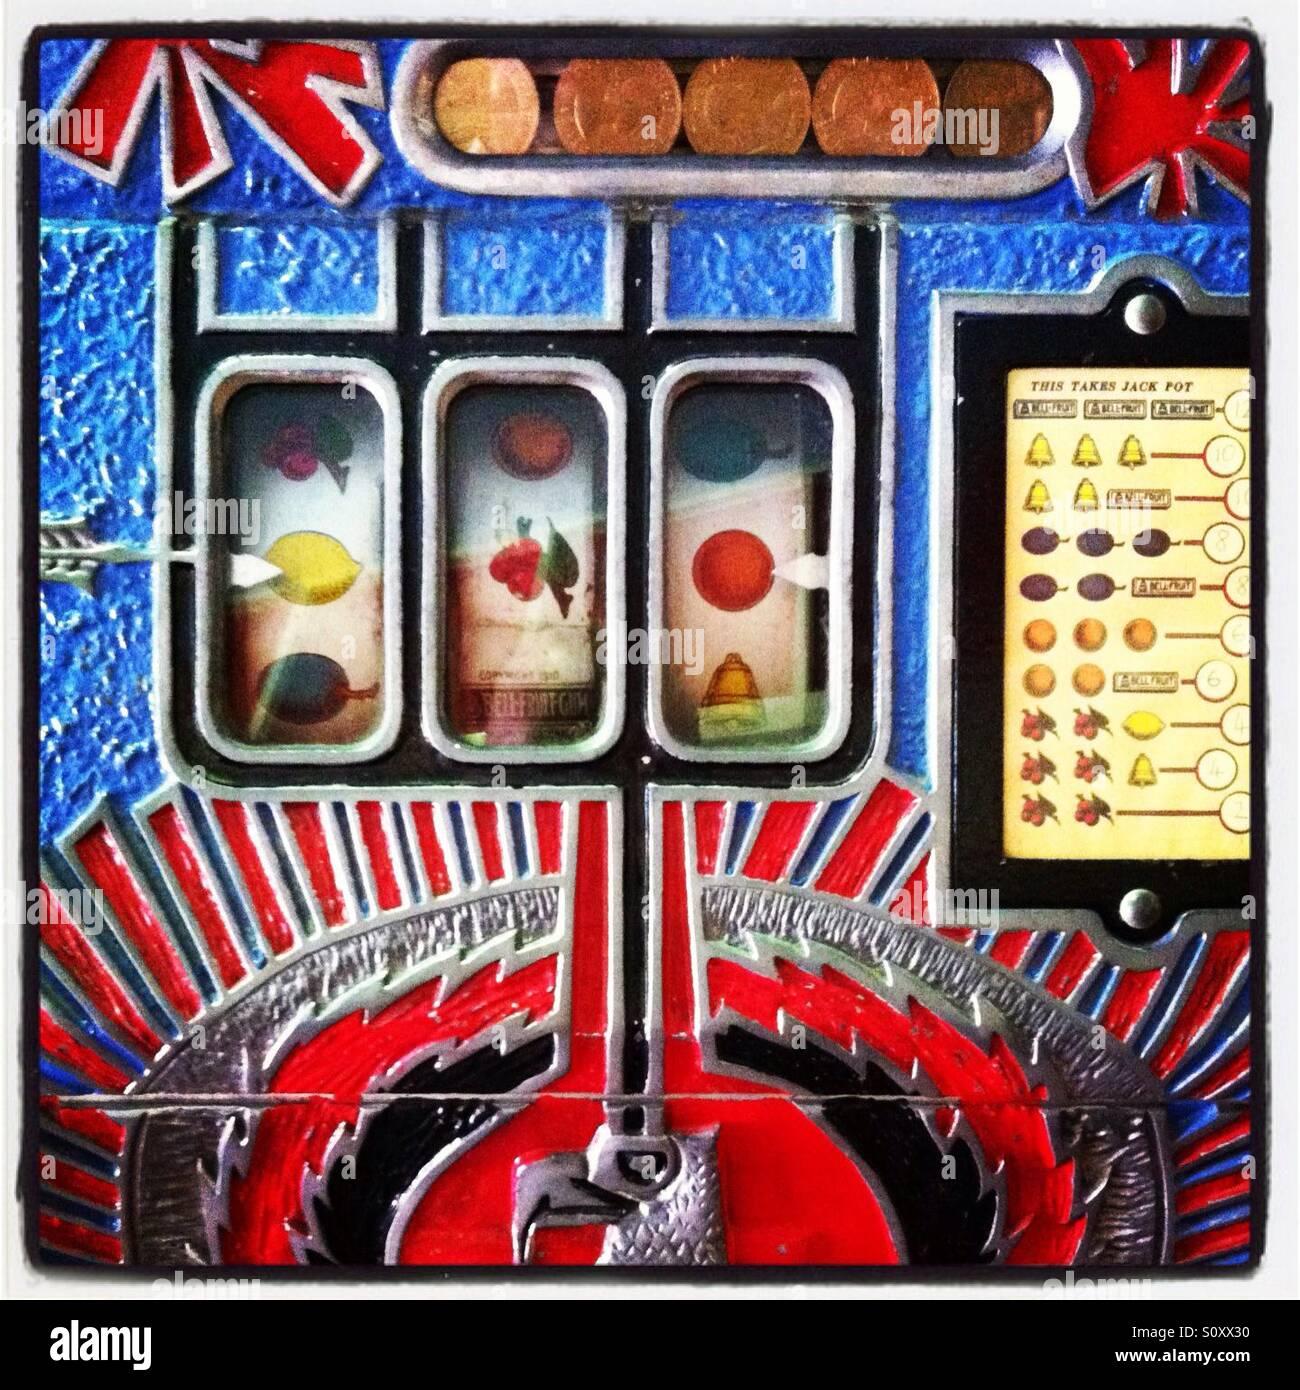 Retrò slot machine con simboli di frutti e un audace design colorato. Immagini Stock